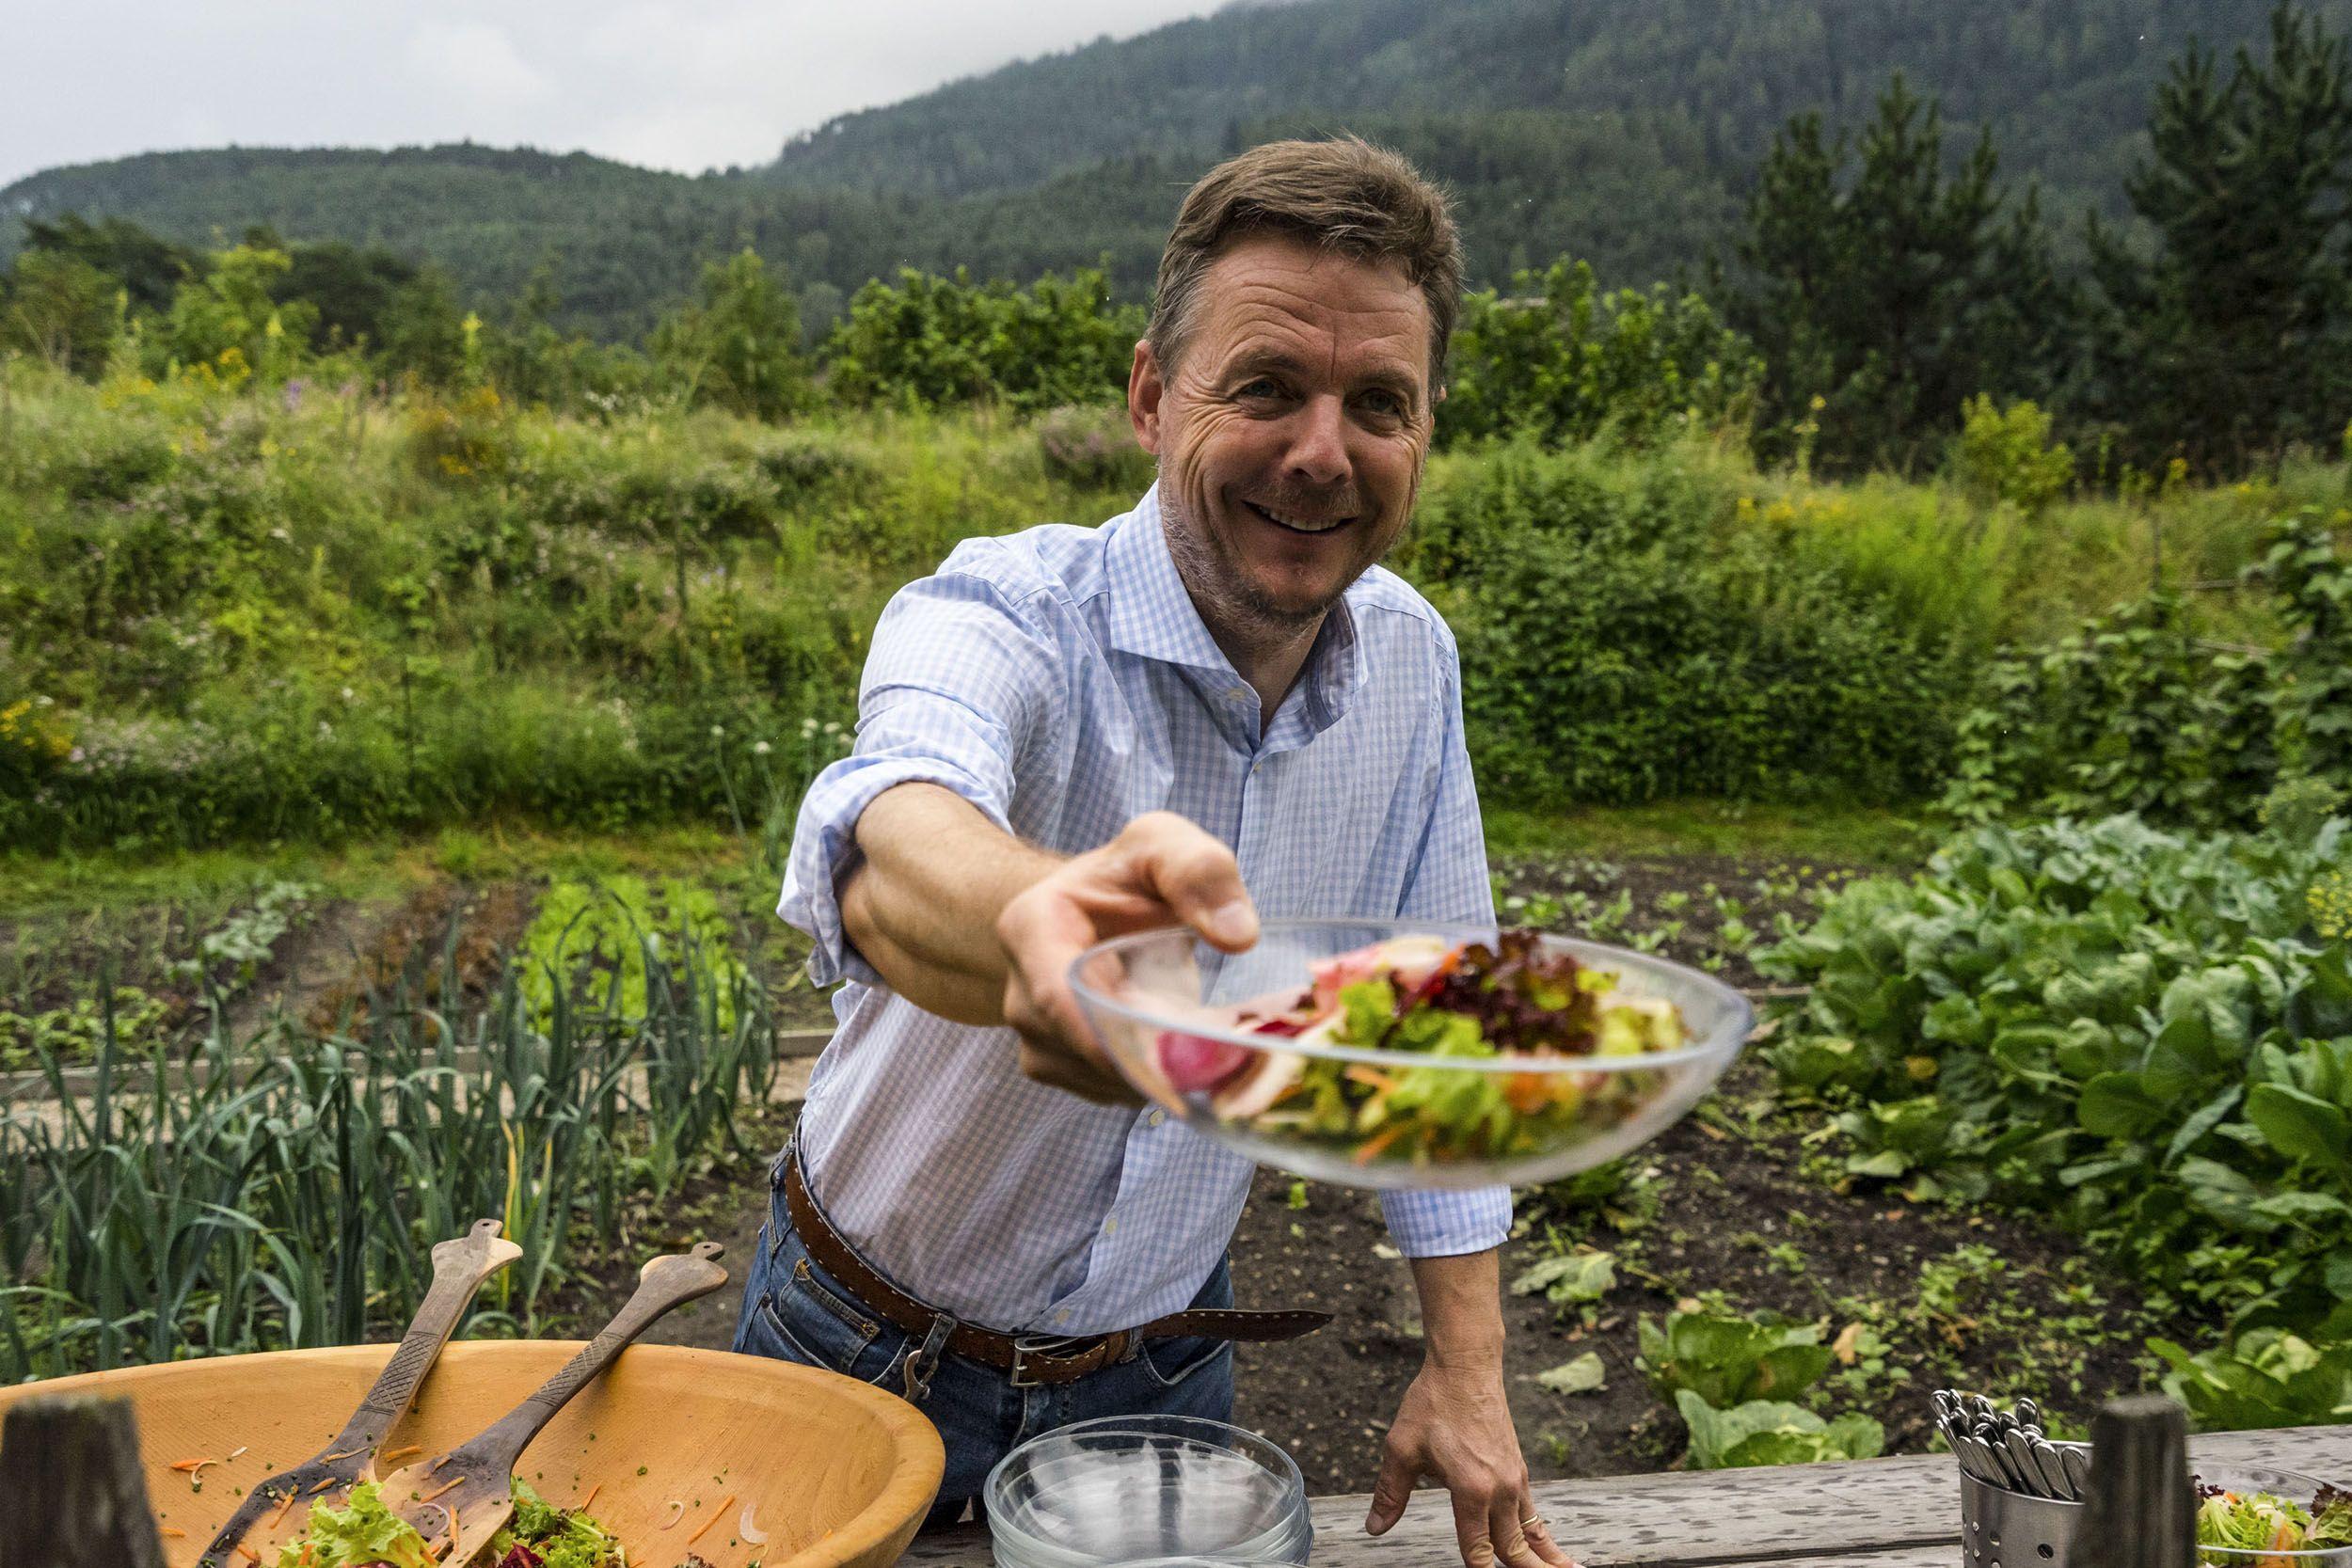 Gerd serviert seinen Salat aus dem eigenen Garten